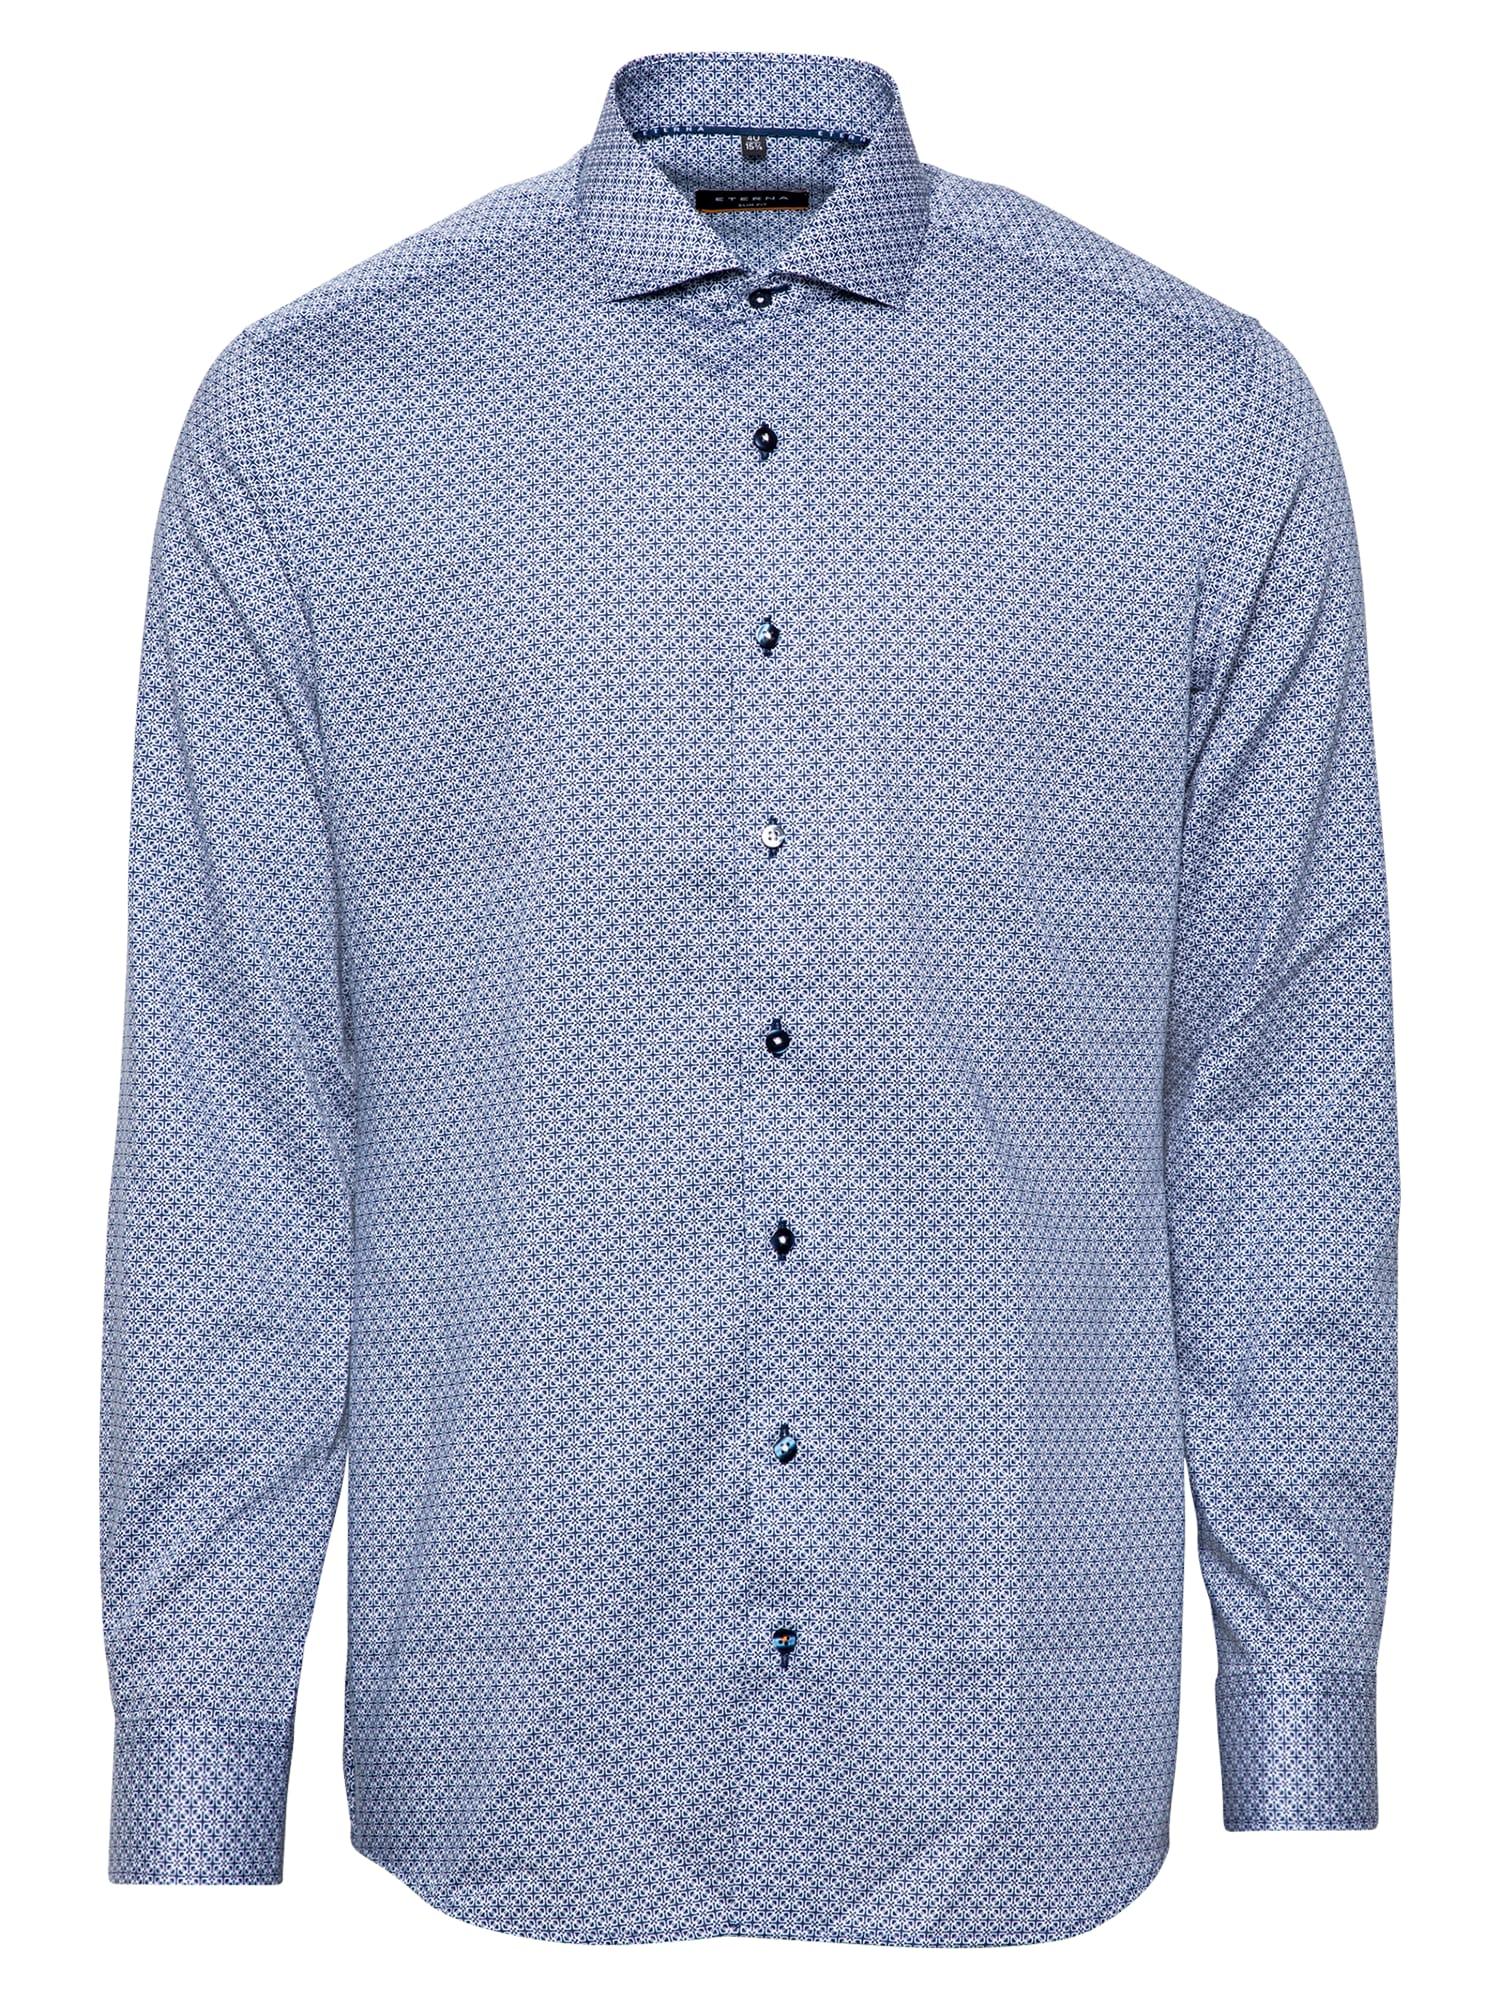 ETERNA Marškiniai pilka